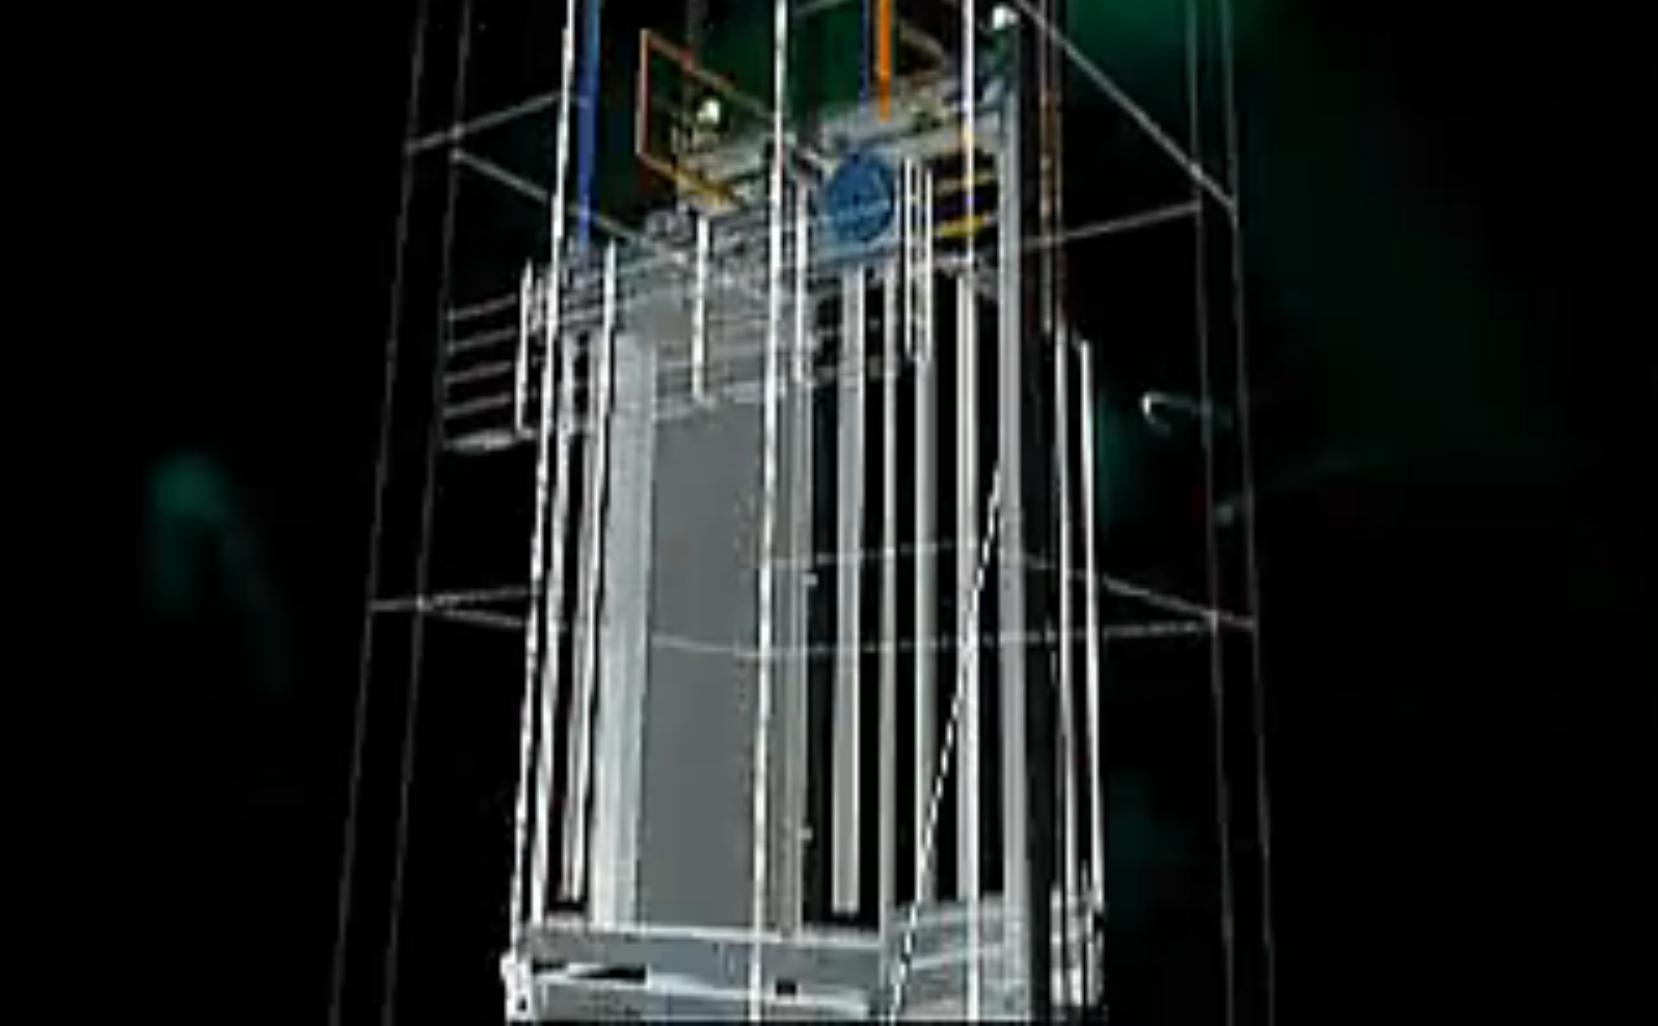 武汉三维机械产品动画制作:电梯杜绝事故频发 三维动画制作 第2张